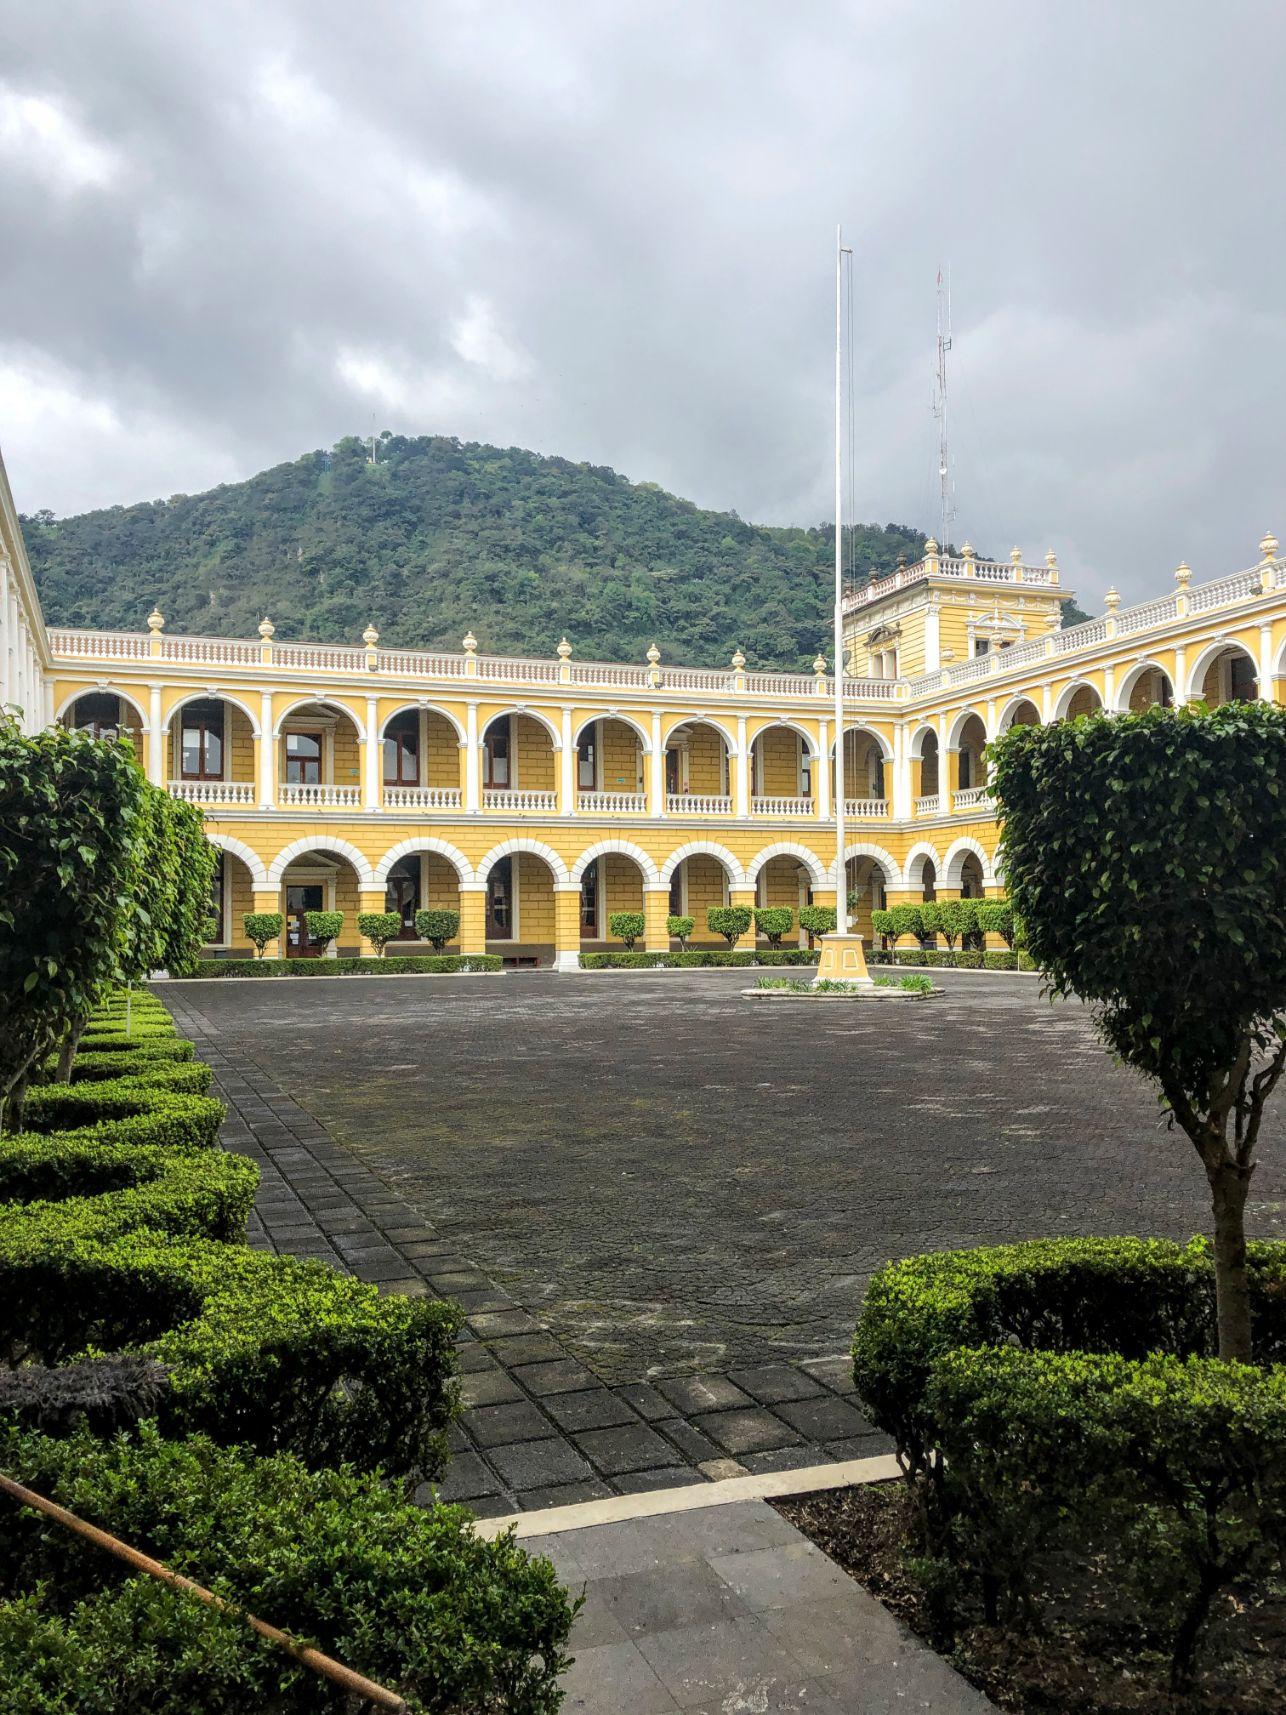 Palacio Municipal in Orizaba, Mexico